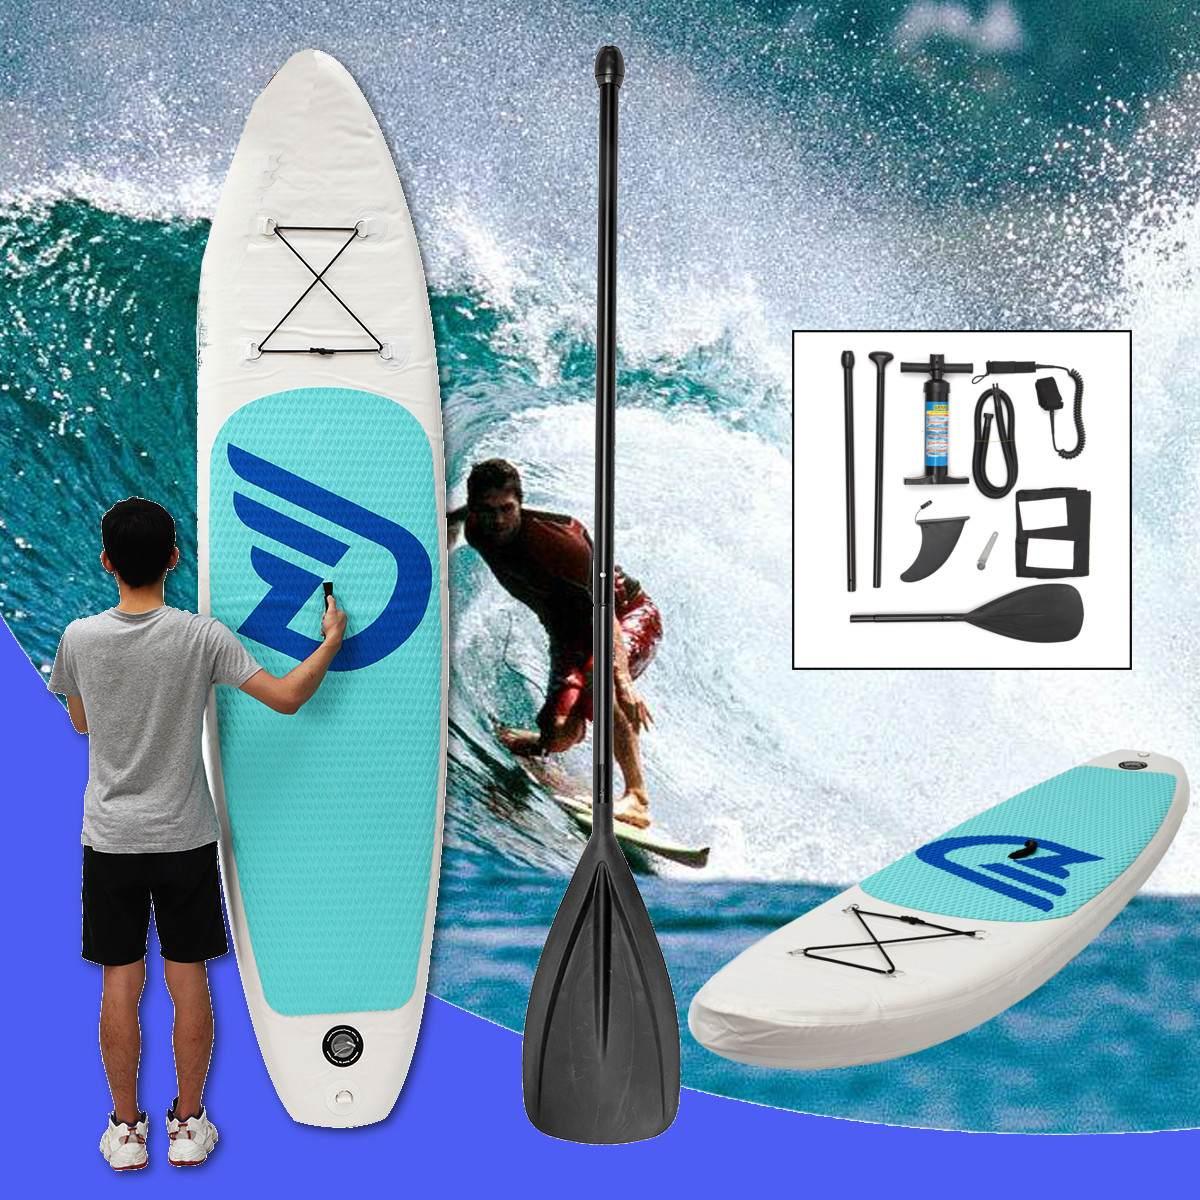 10ft весла для серфинга доска надувные серфинг Настольный теннис до водяной насос ног поводок Пляж океан средства ухода за кожей интернат вод